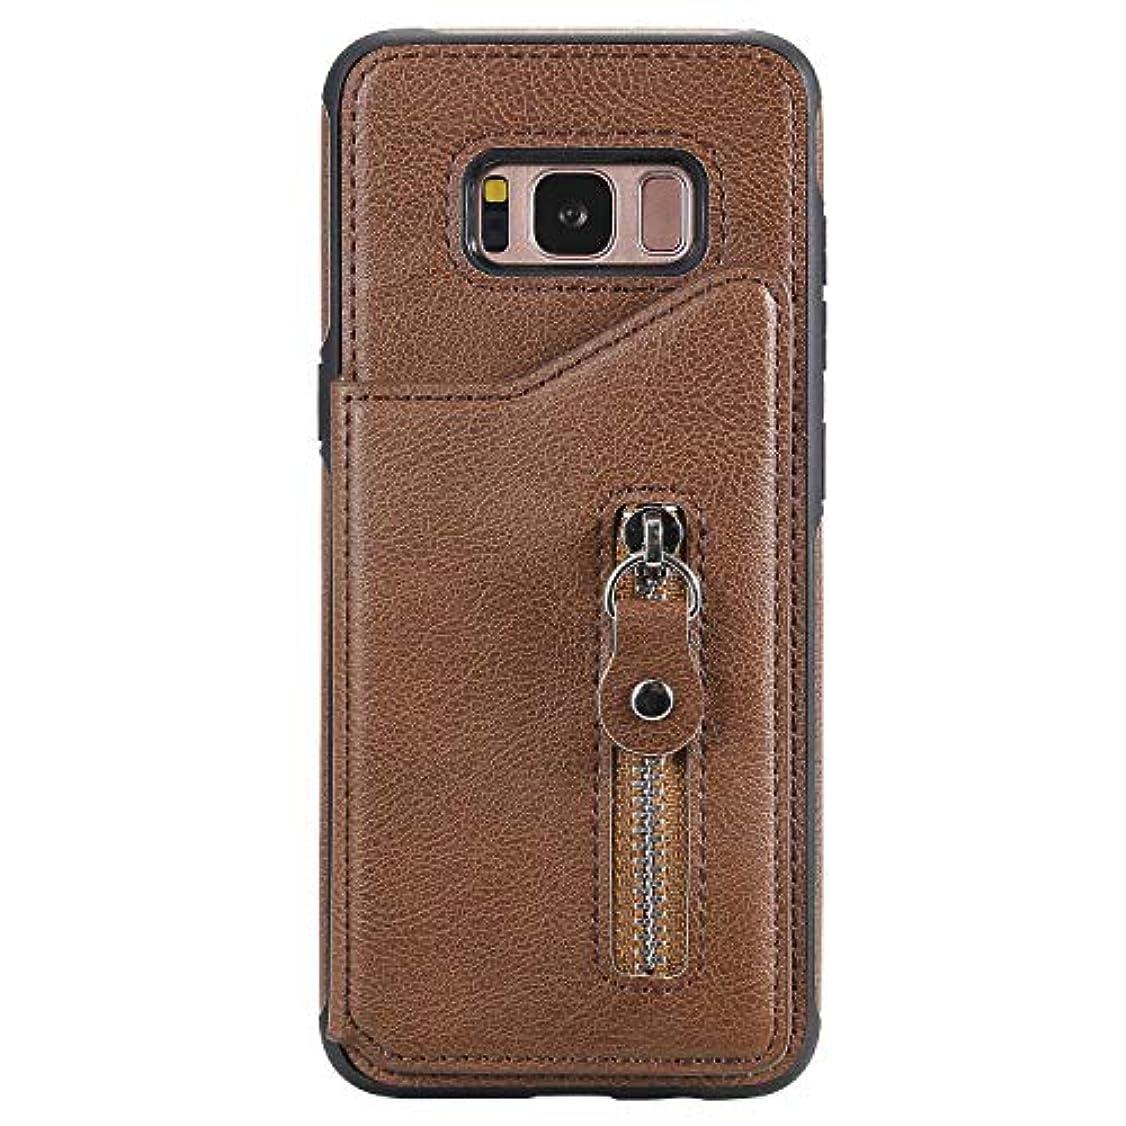 アイドル特に高層ビルOMATENTI Galaxy S8 ケース, PUレザー 薄型 簡約風 人気 新品 バックケース Galaxy S8 用 Case Cover, 財布とコインポケット付き, 液晶保護 カード収納, 褐色